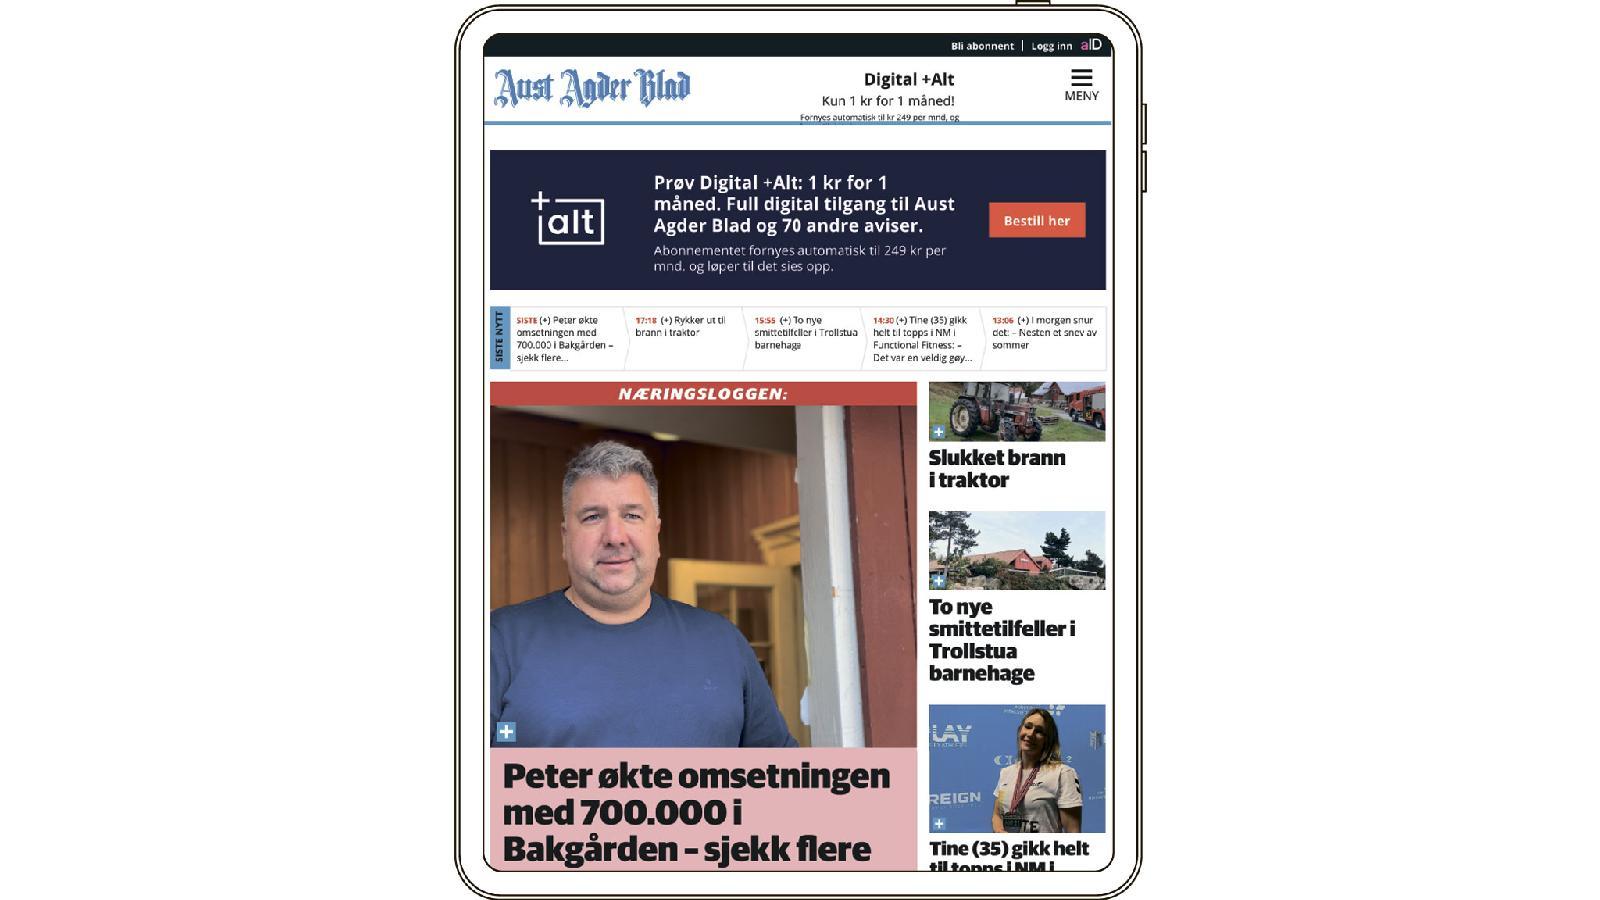 Amedia выпускает 79 газет. В среднем у каждого издания около восьми тысяч подписчиков